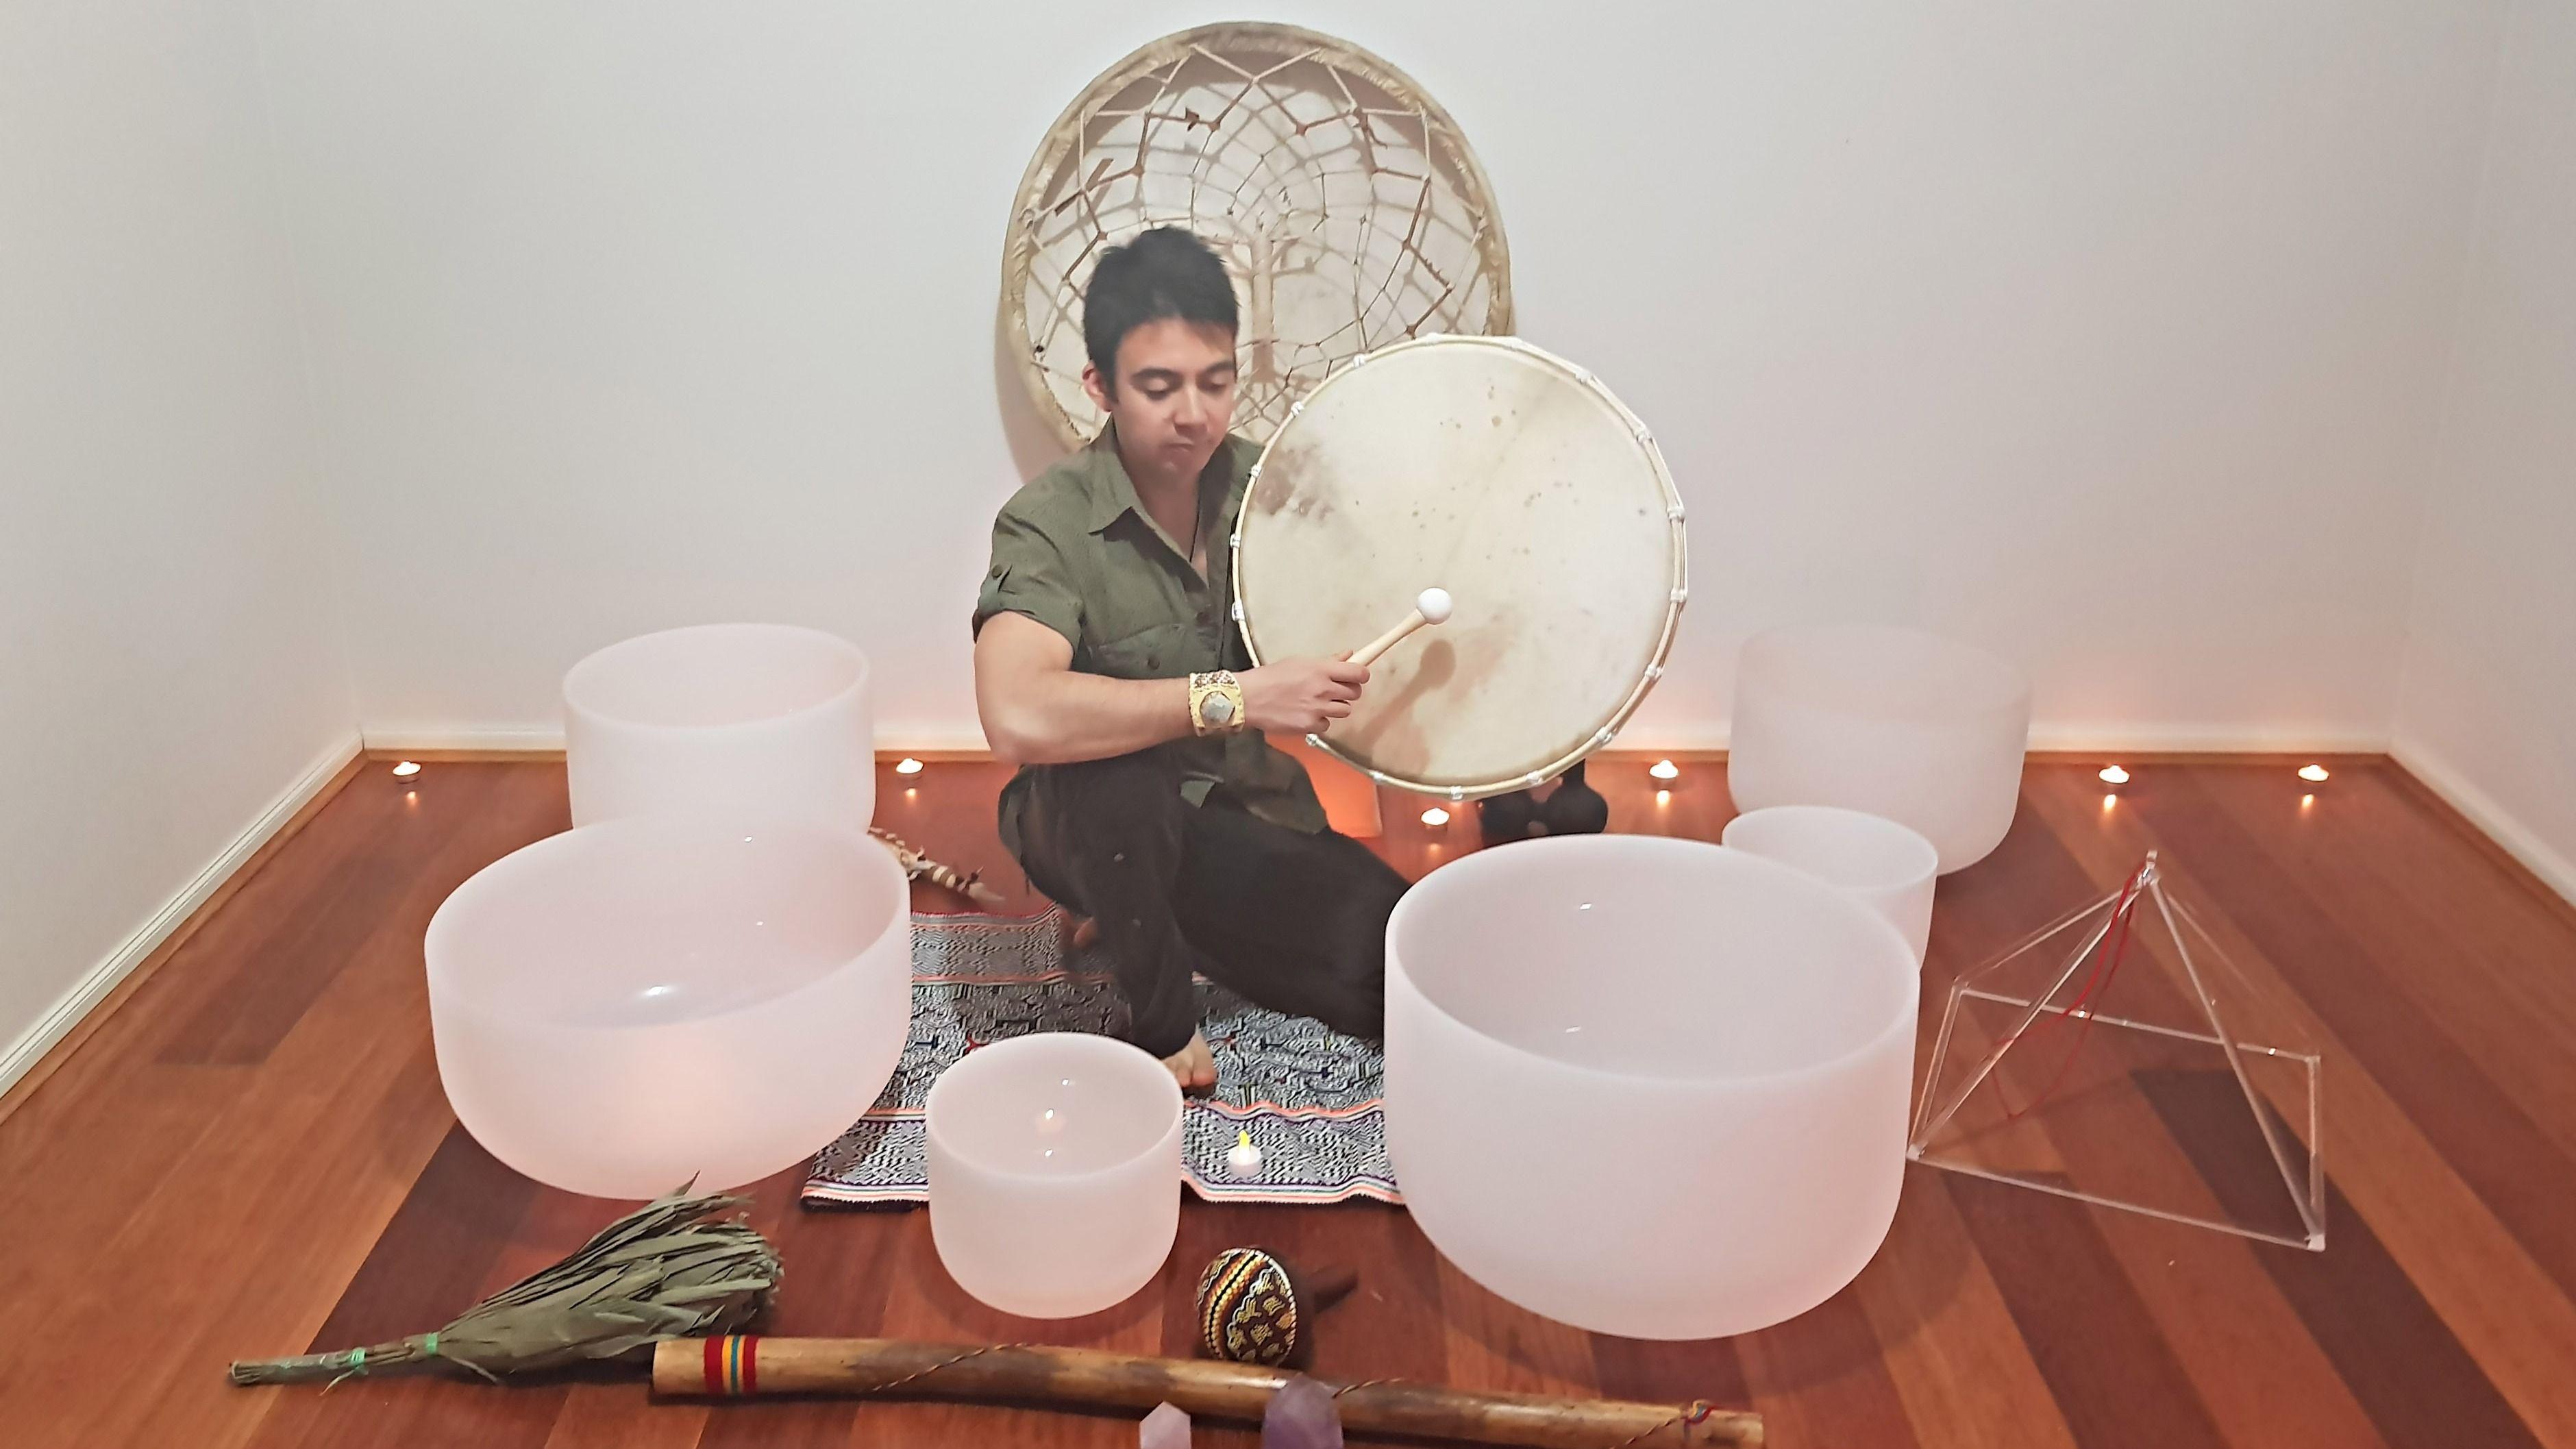 Sound healing workshop - healing through sound resonance